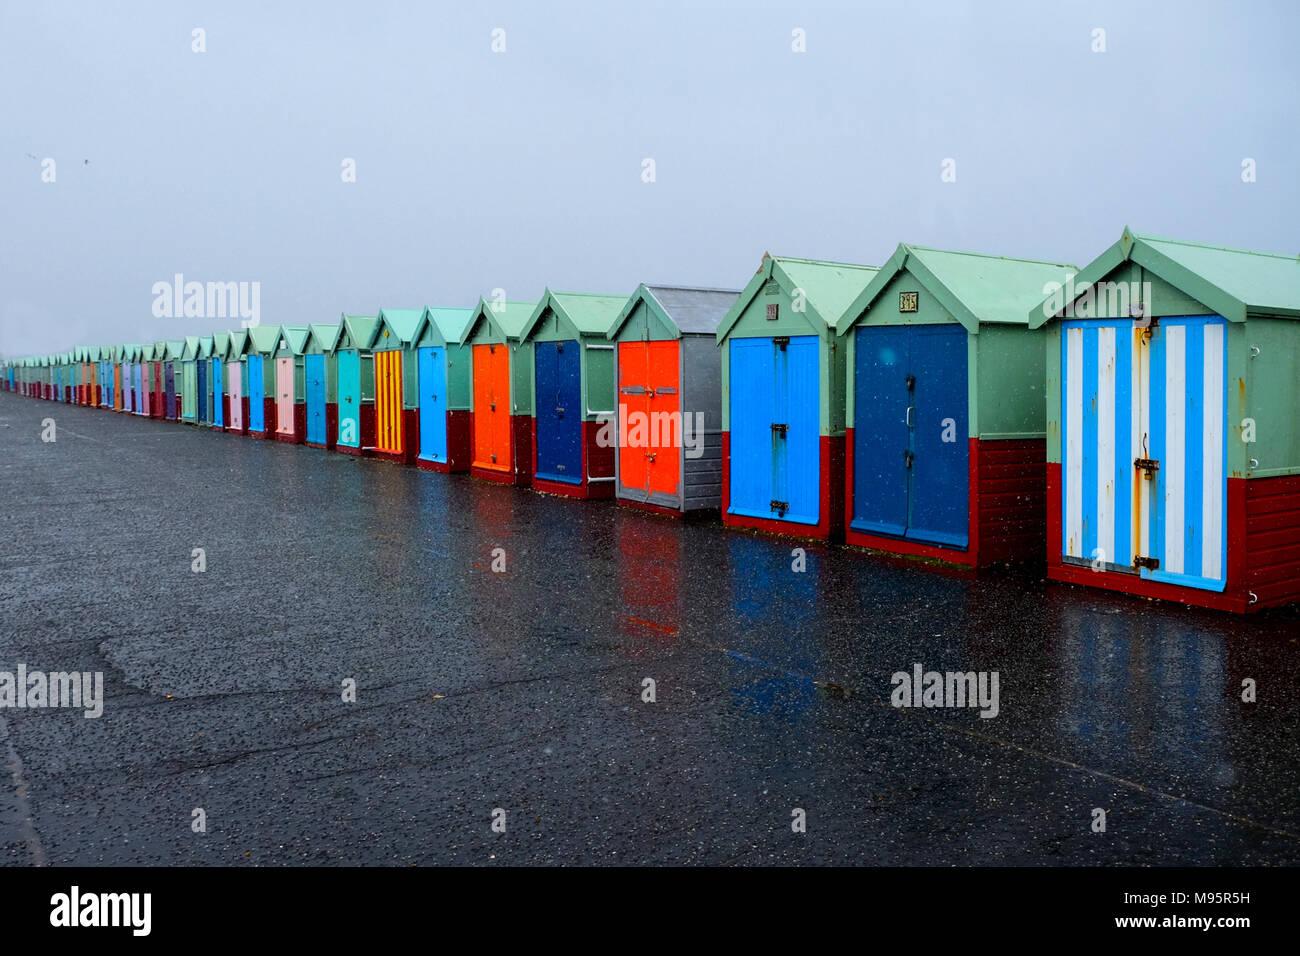 Une ligne de 40 cabanes de plage avec différentes portes multicolores sur une promenade de béton, le plus proche des cabines de plage sur la droite de l'image sont grandes va t Photo Stock